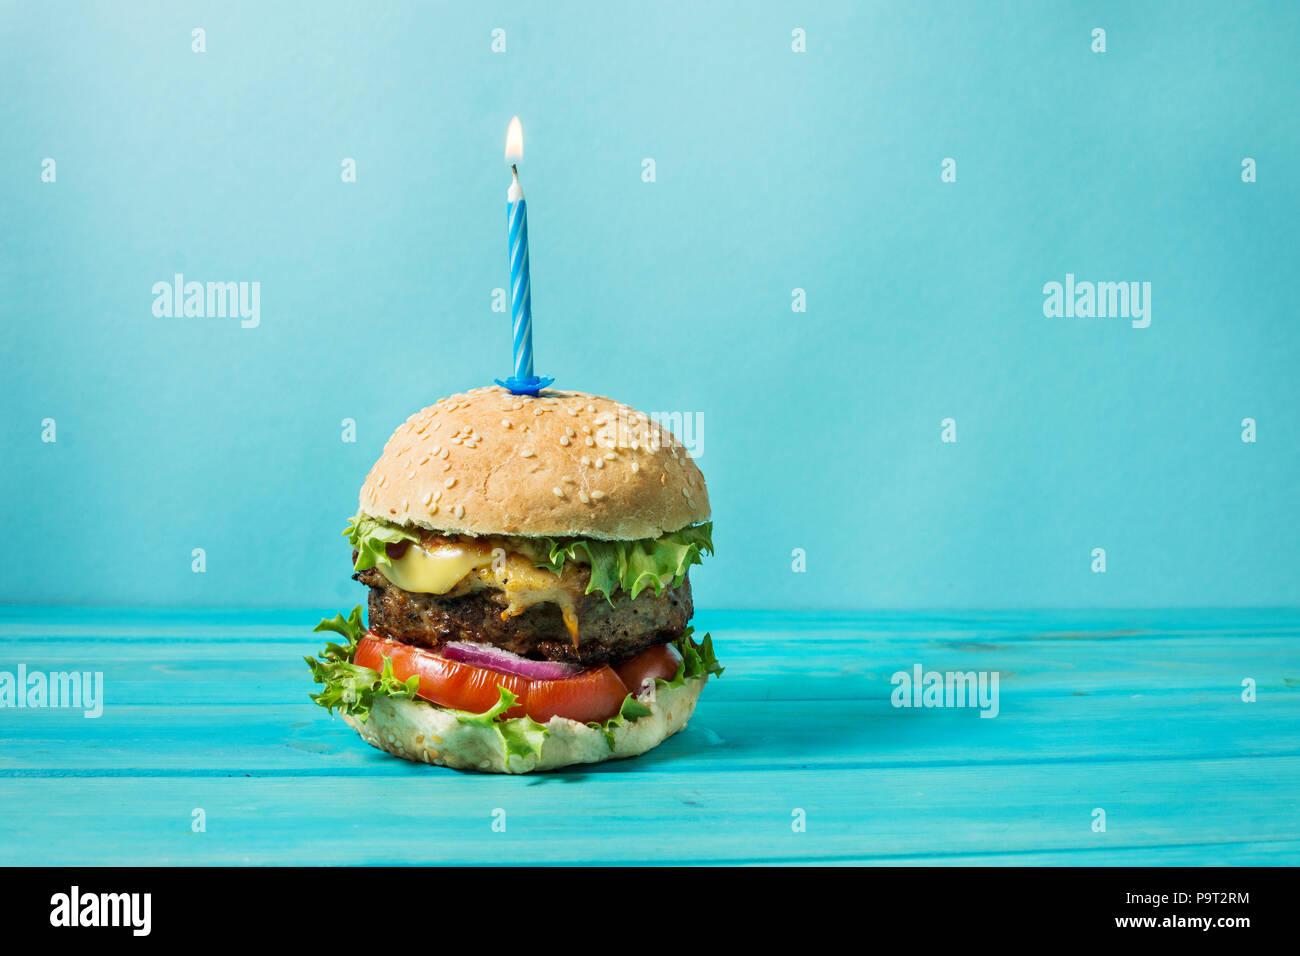 sandwich fait maison barbecue burger au boeuf et bougie allumée pour